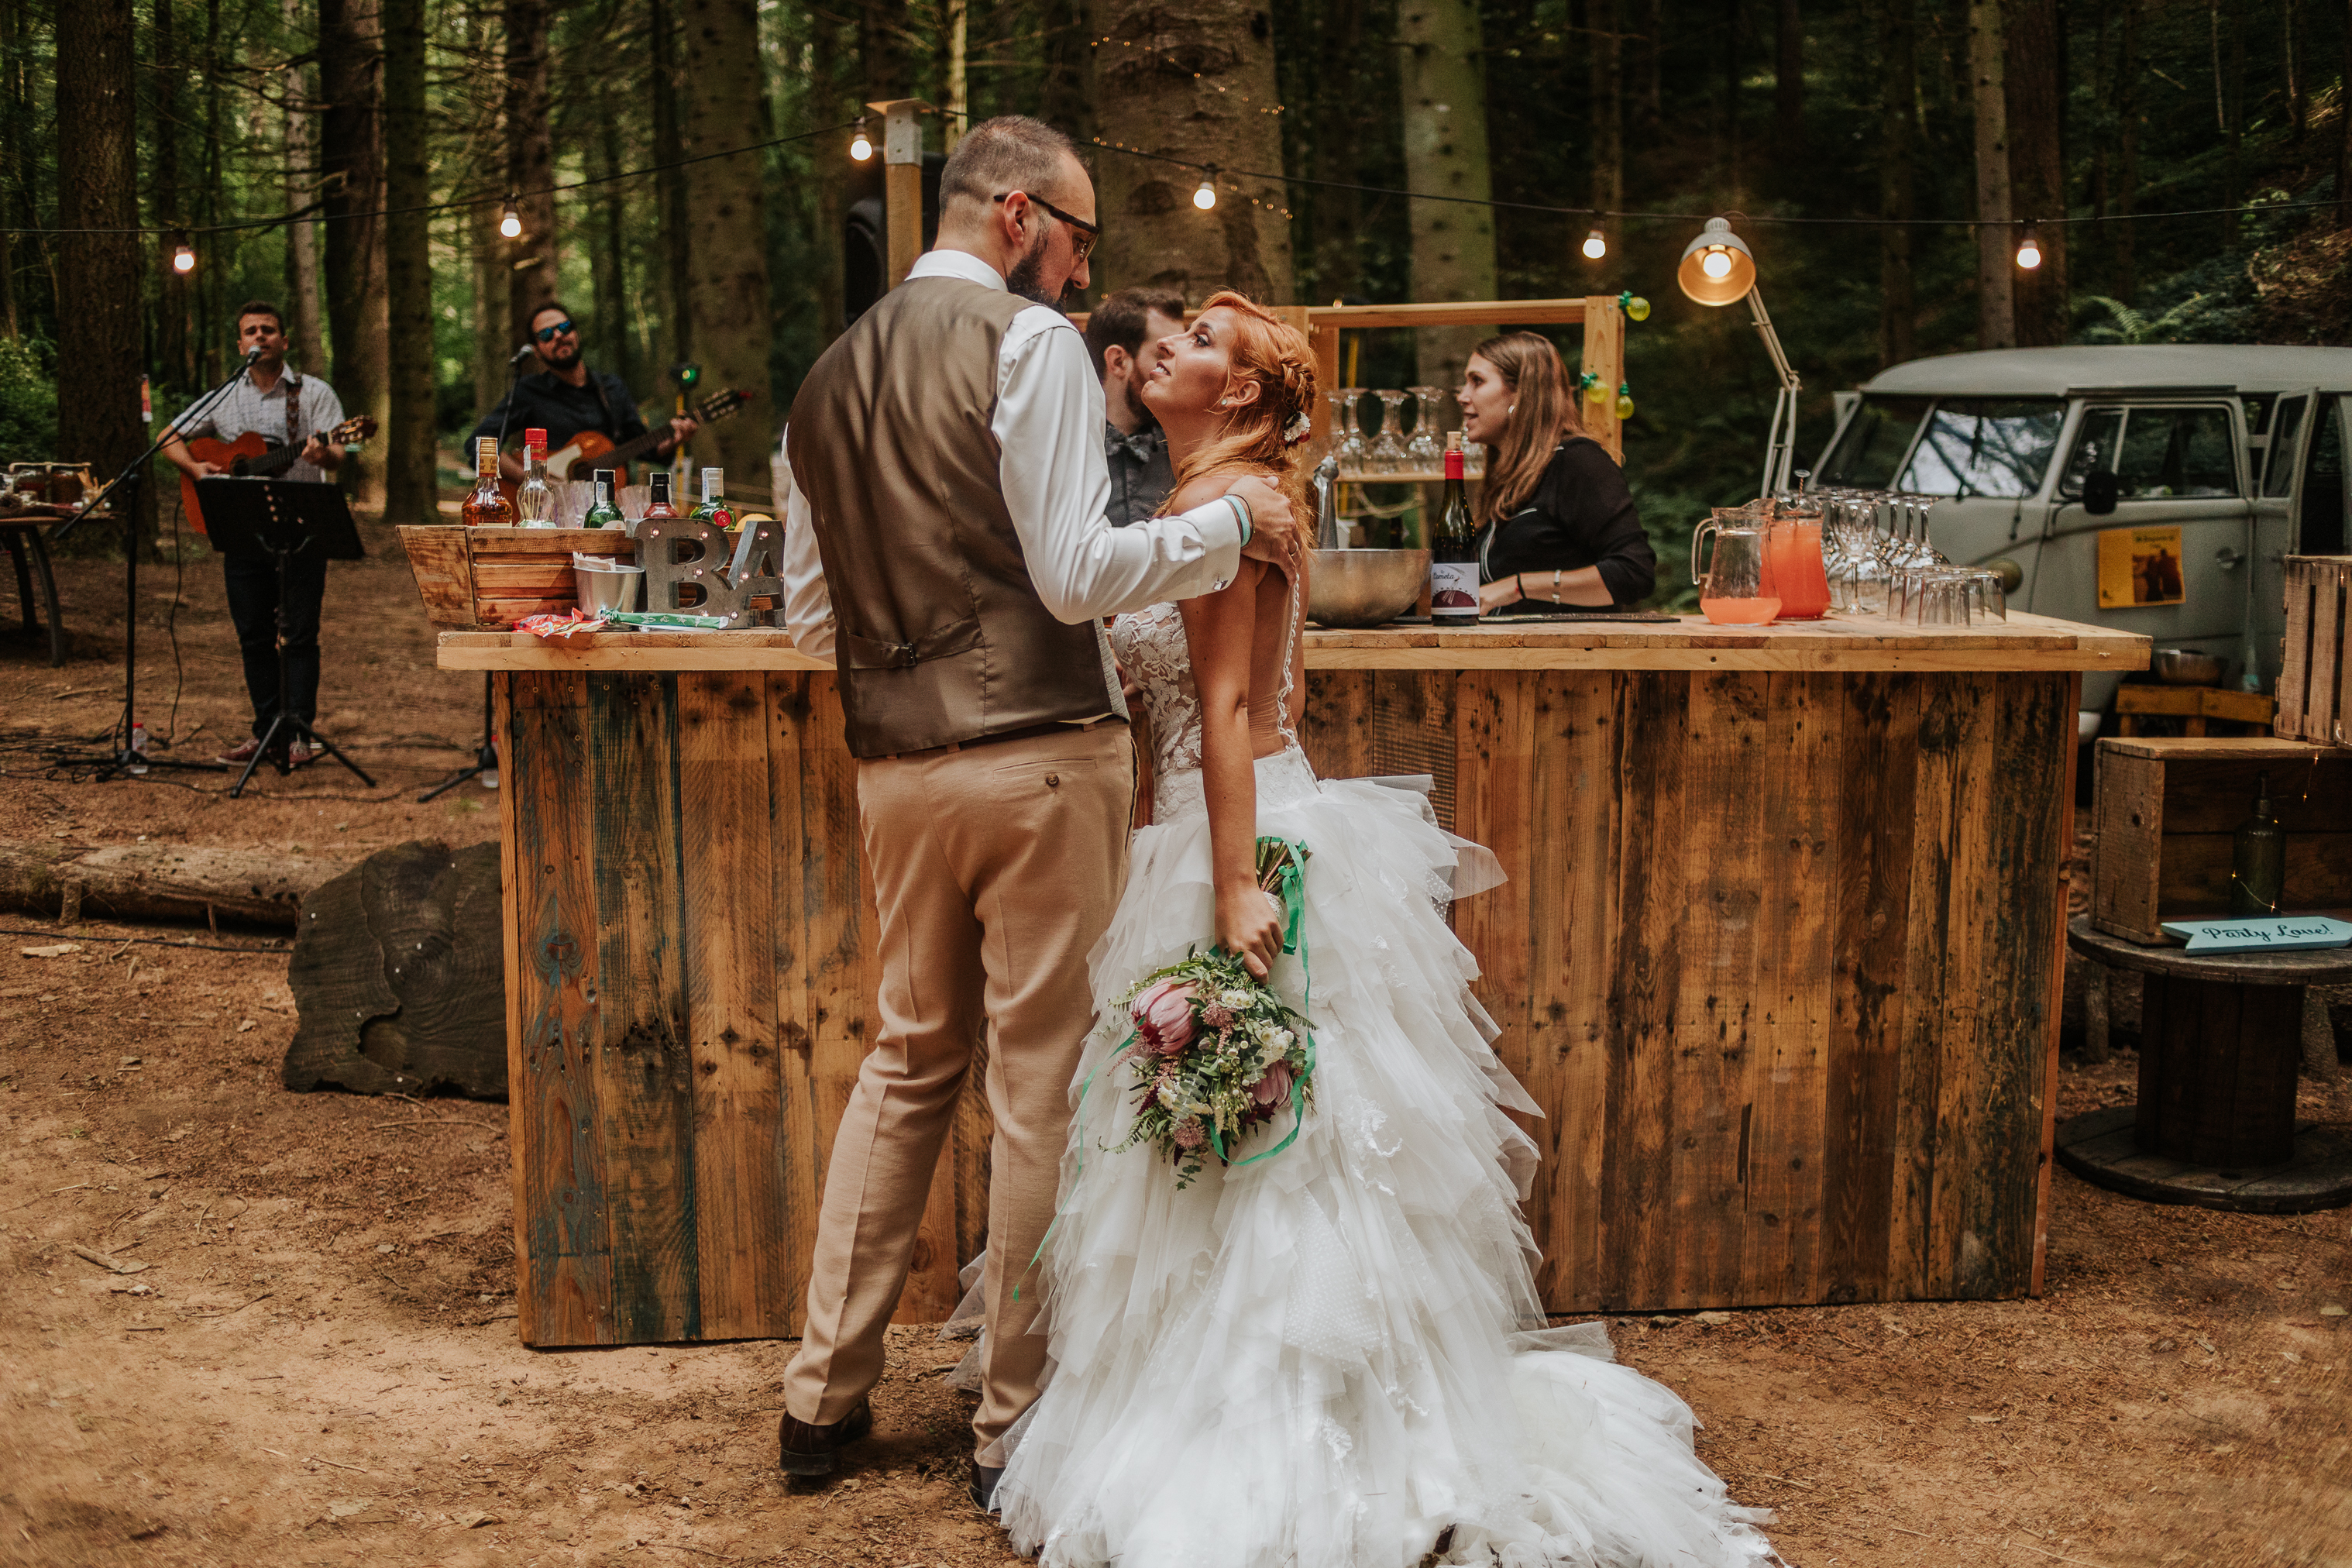 Fotógrafo de boda en Barcelona :: boda en el bosque :: boda romántica :: Boda indie :: Barcelona country wedding :: Indie Wedding